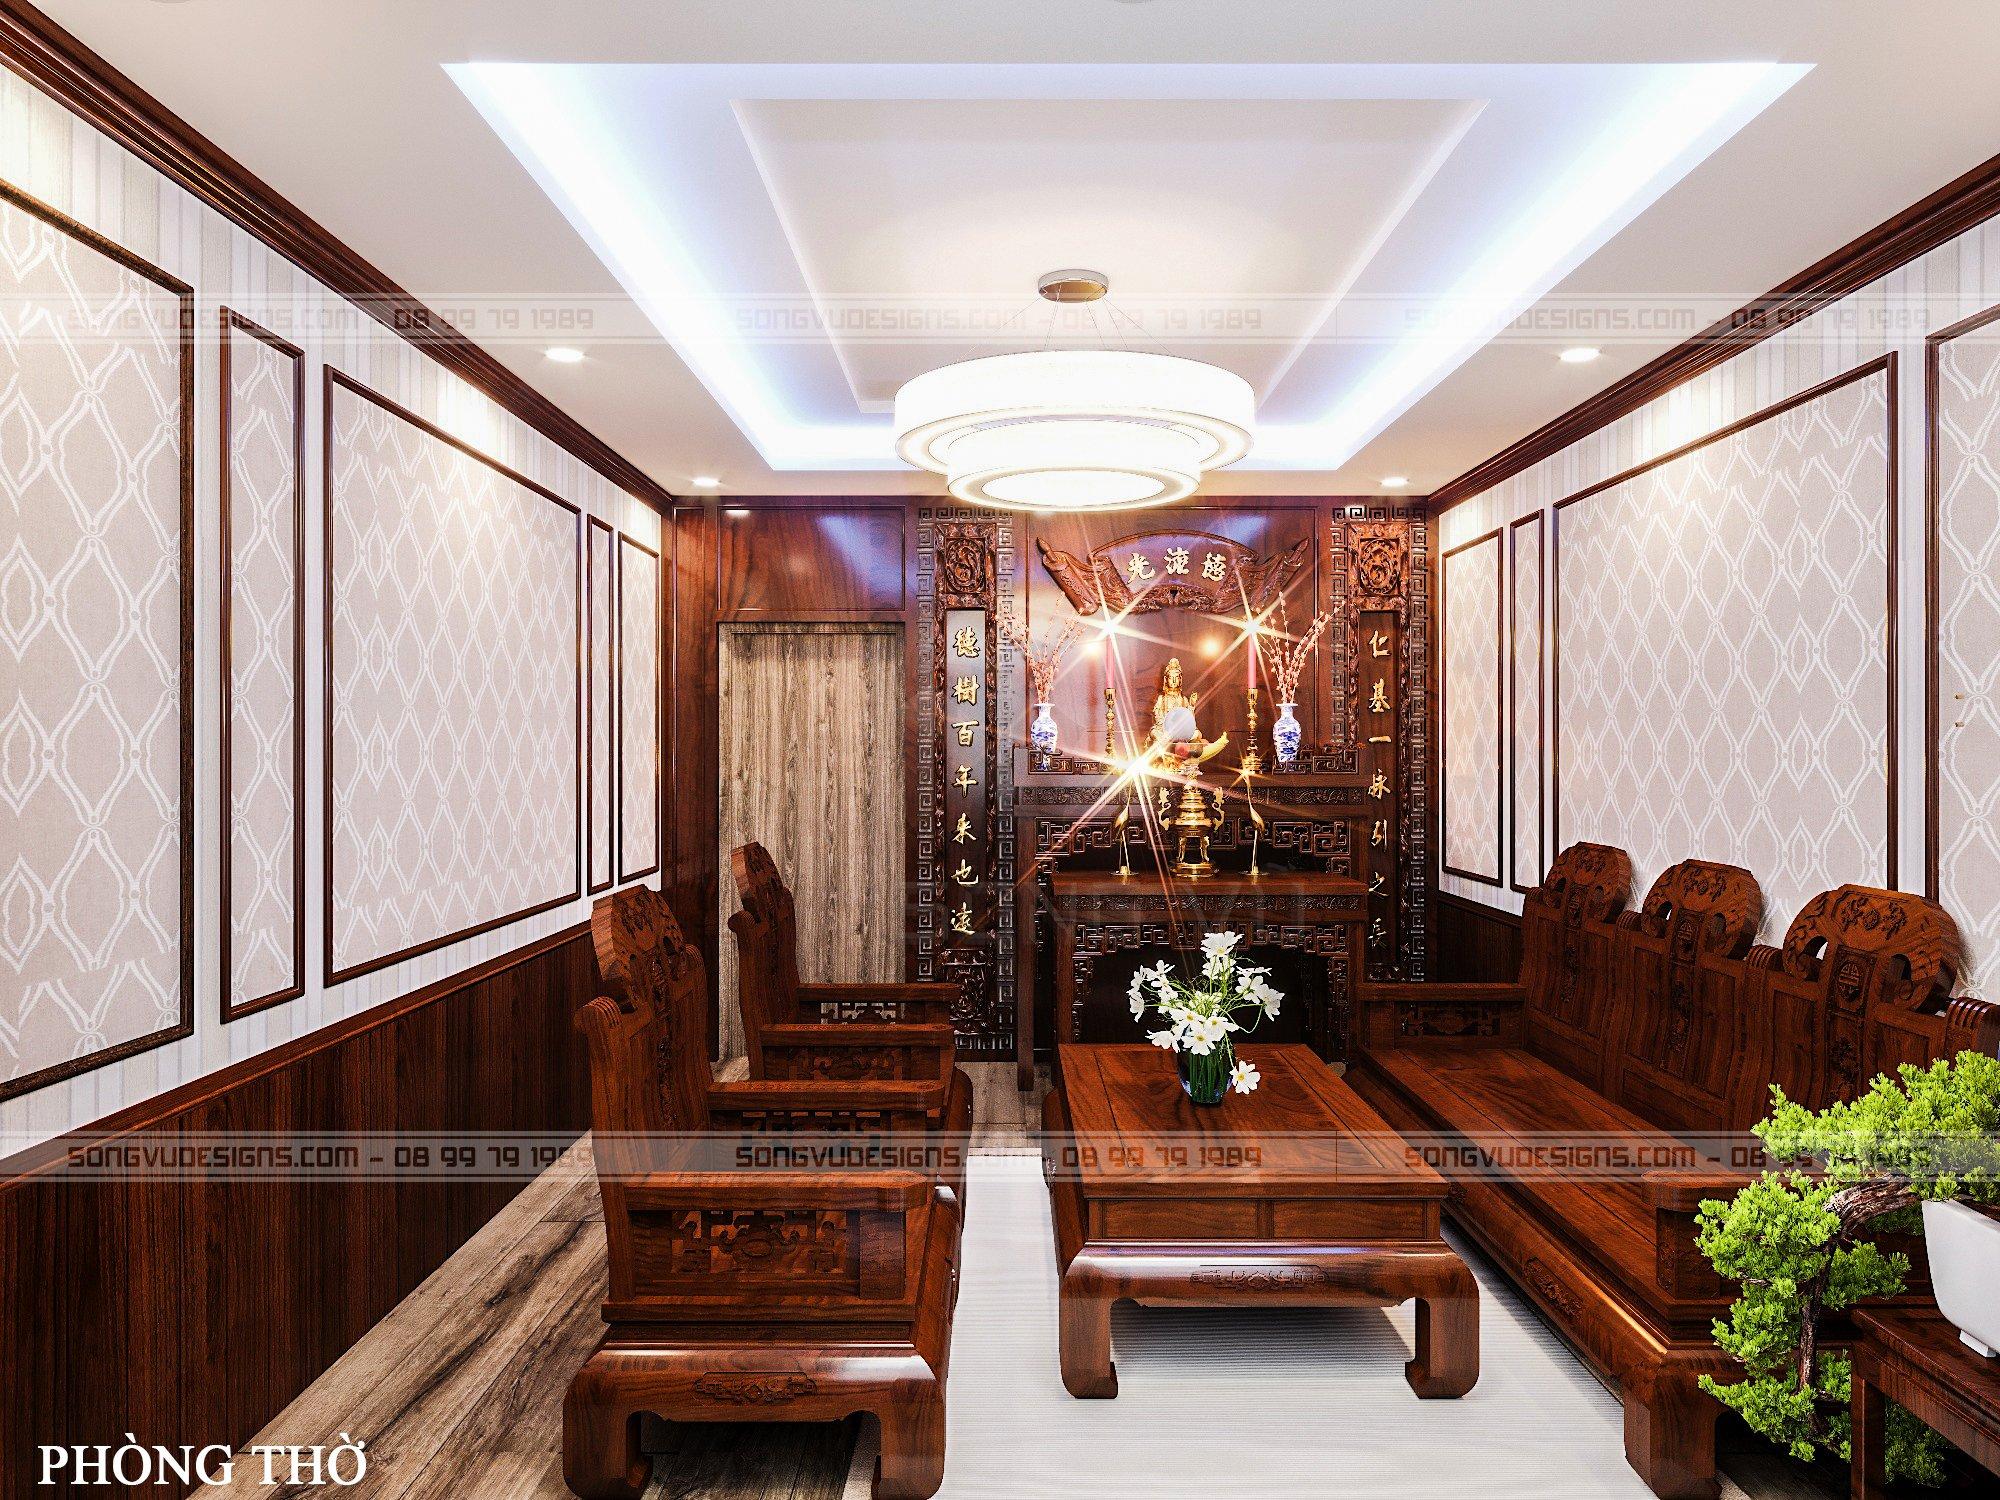 Phòng thờ bằng gỗ đẹp sang trọng